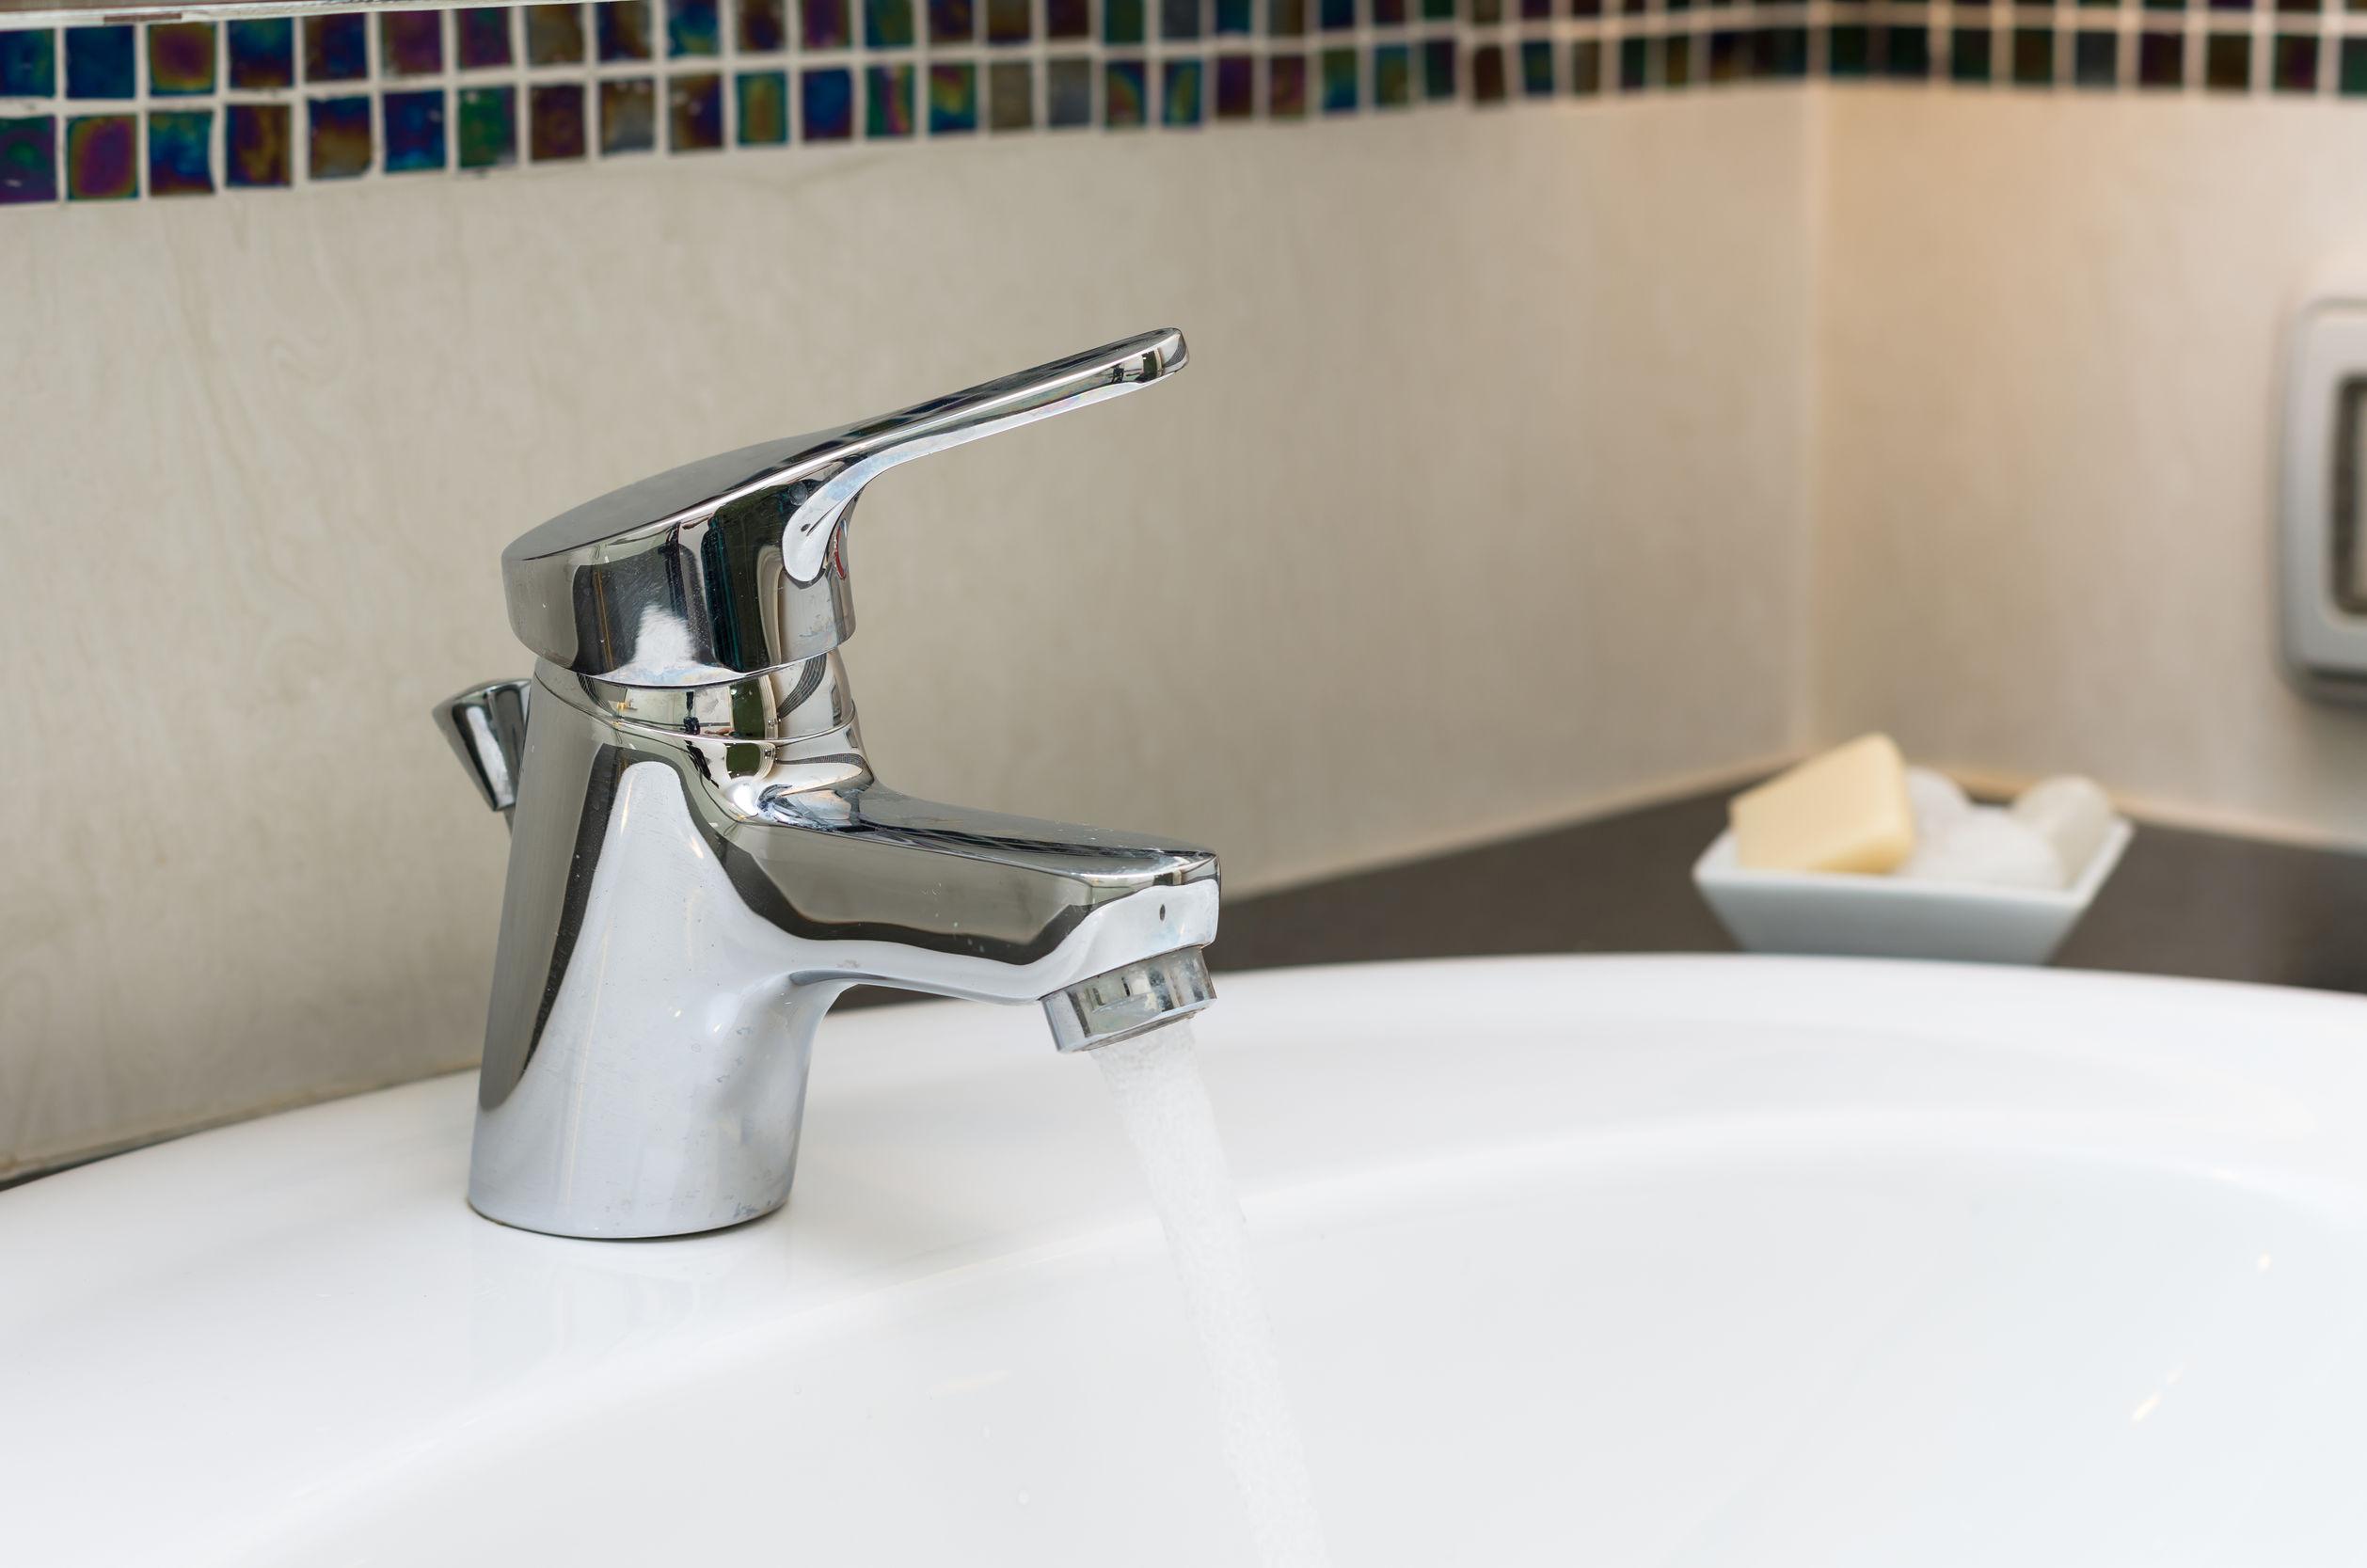 Grohe Waschtischarmatur: Test & Empfehlungen (18/18